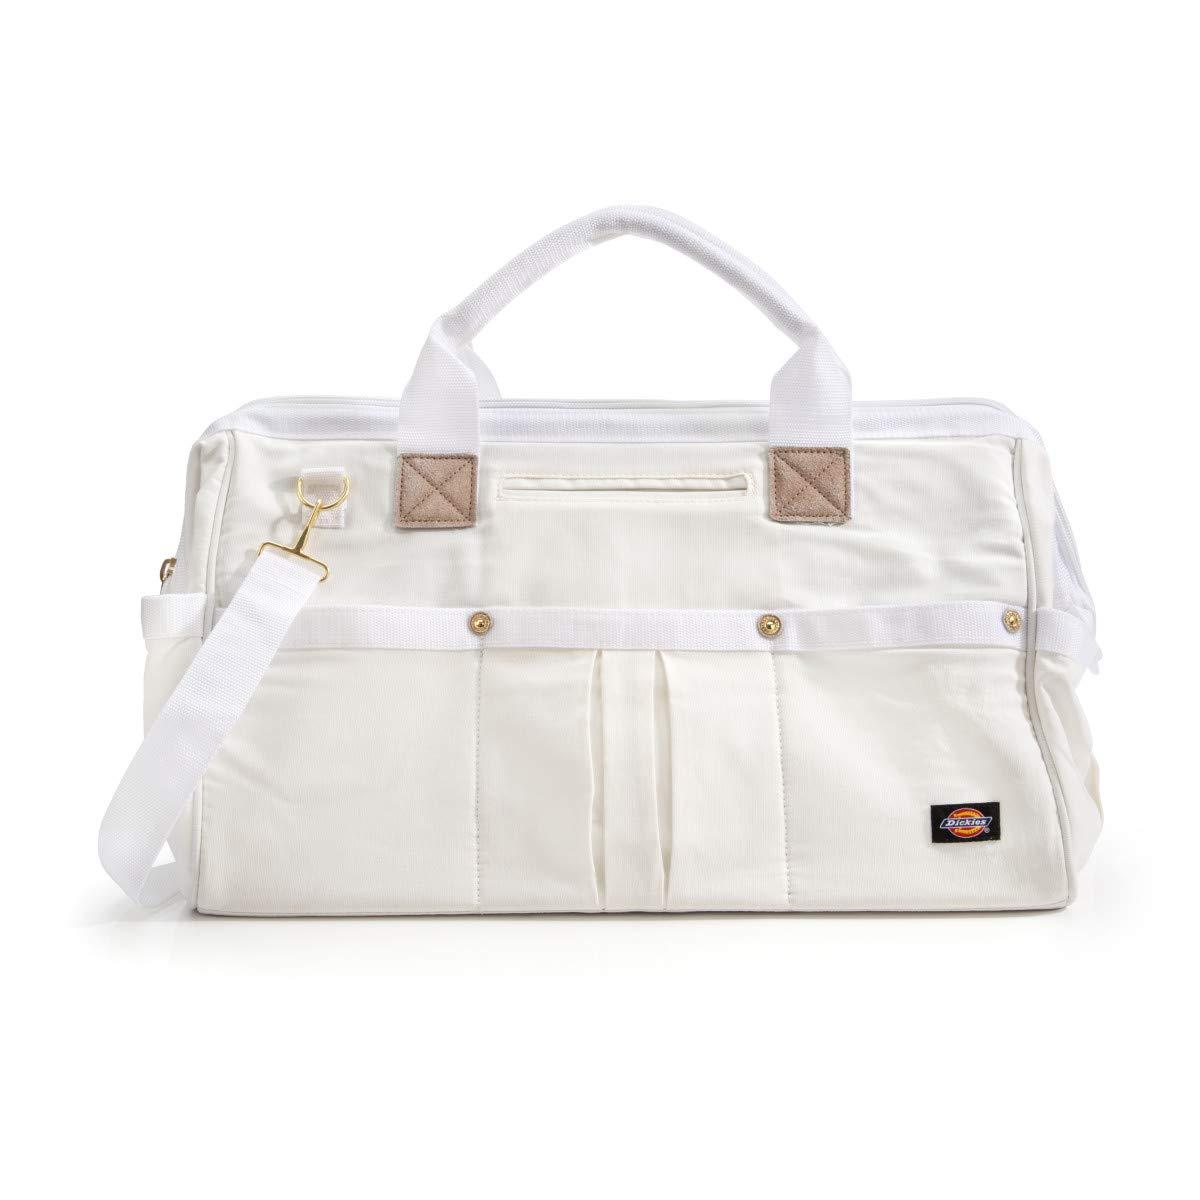 Dickies 57041 20-Inch Work Bag by Dickies Work Gear